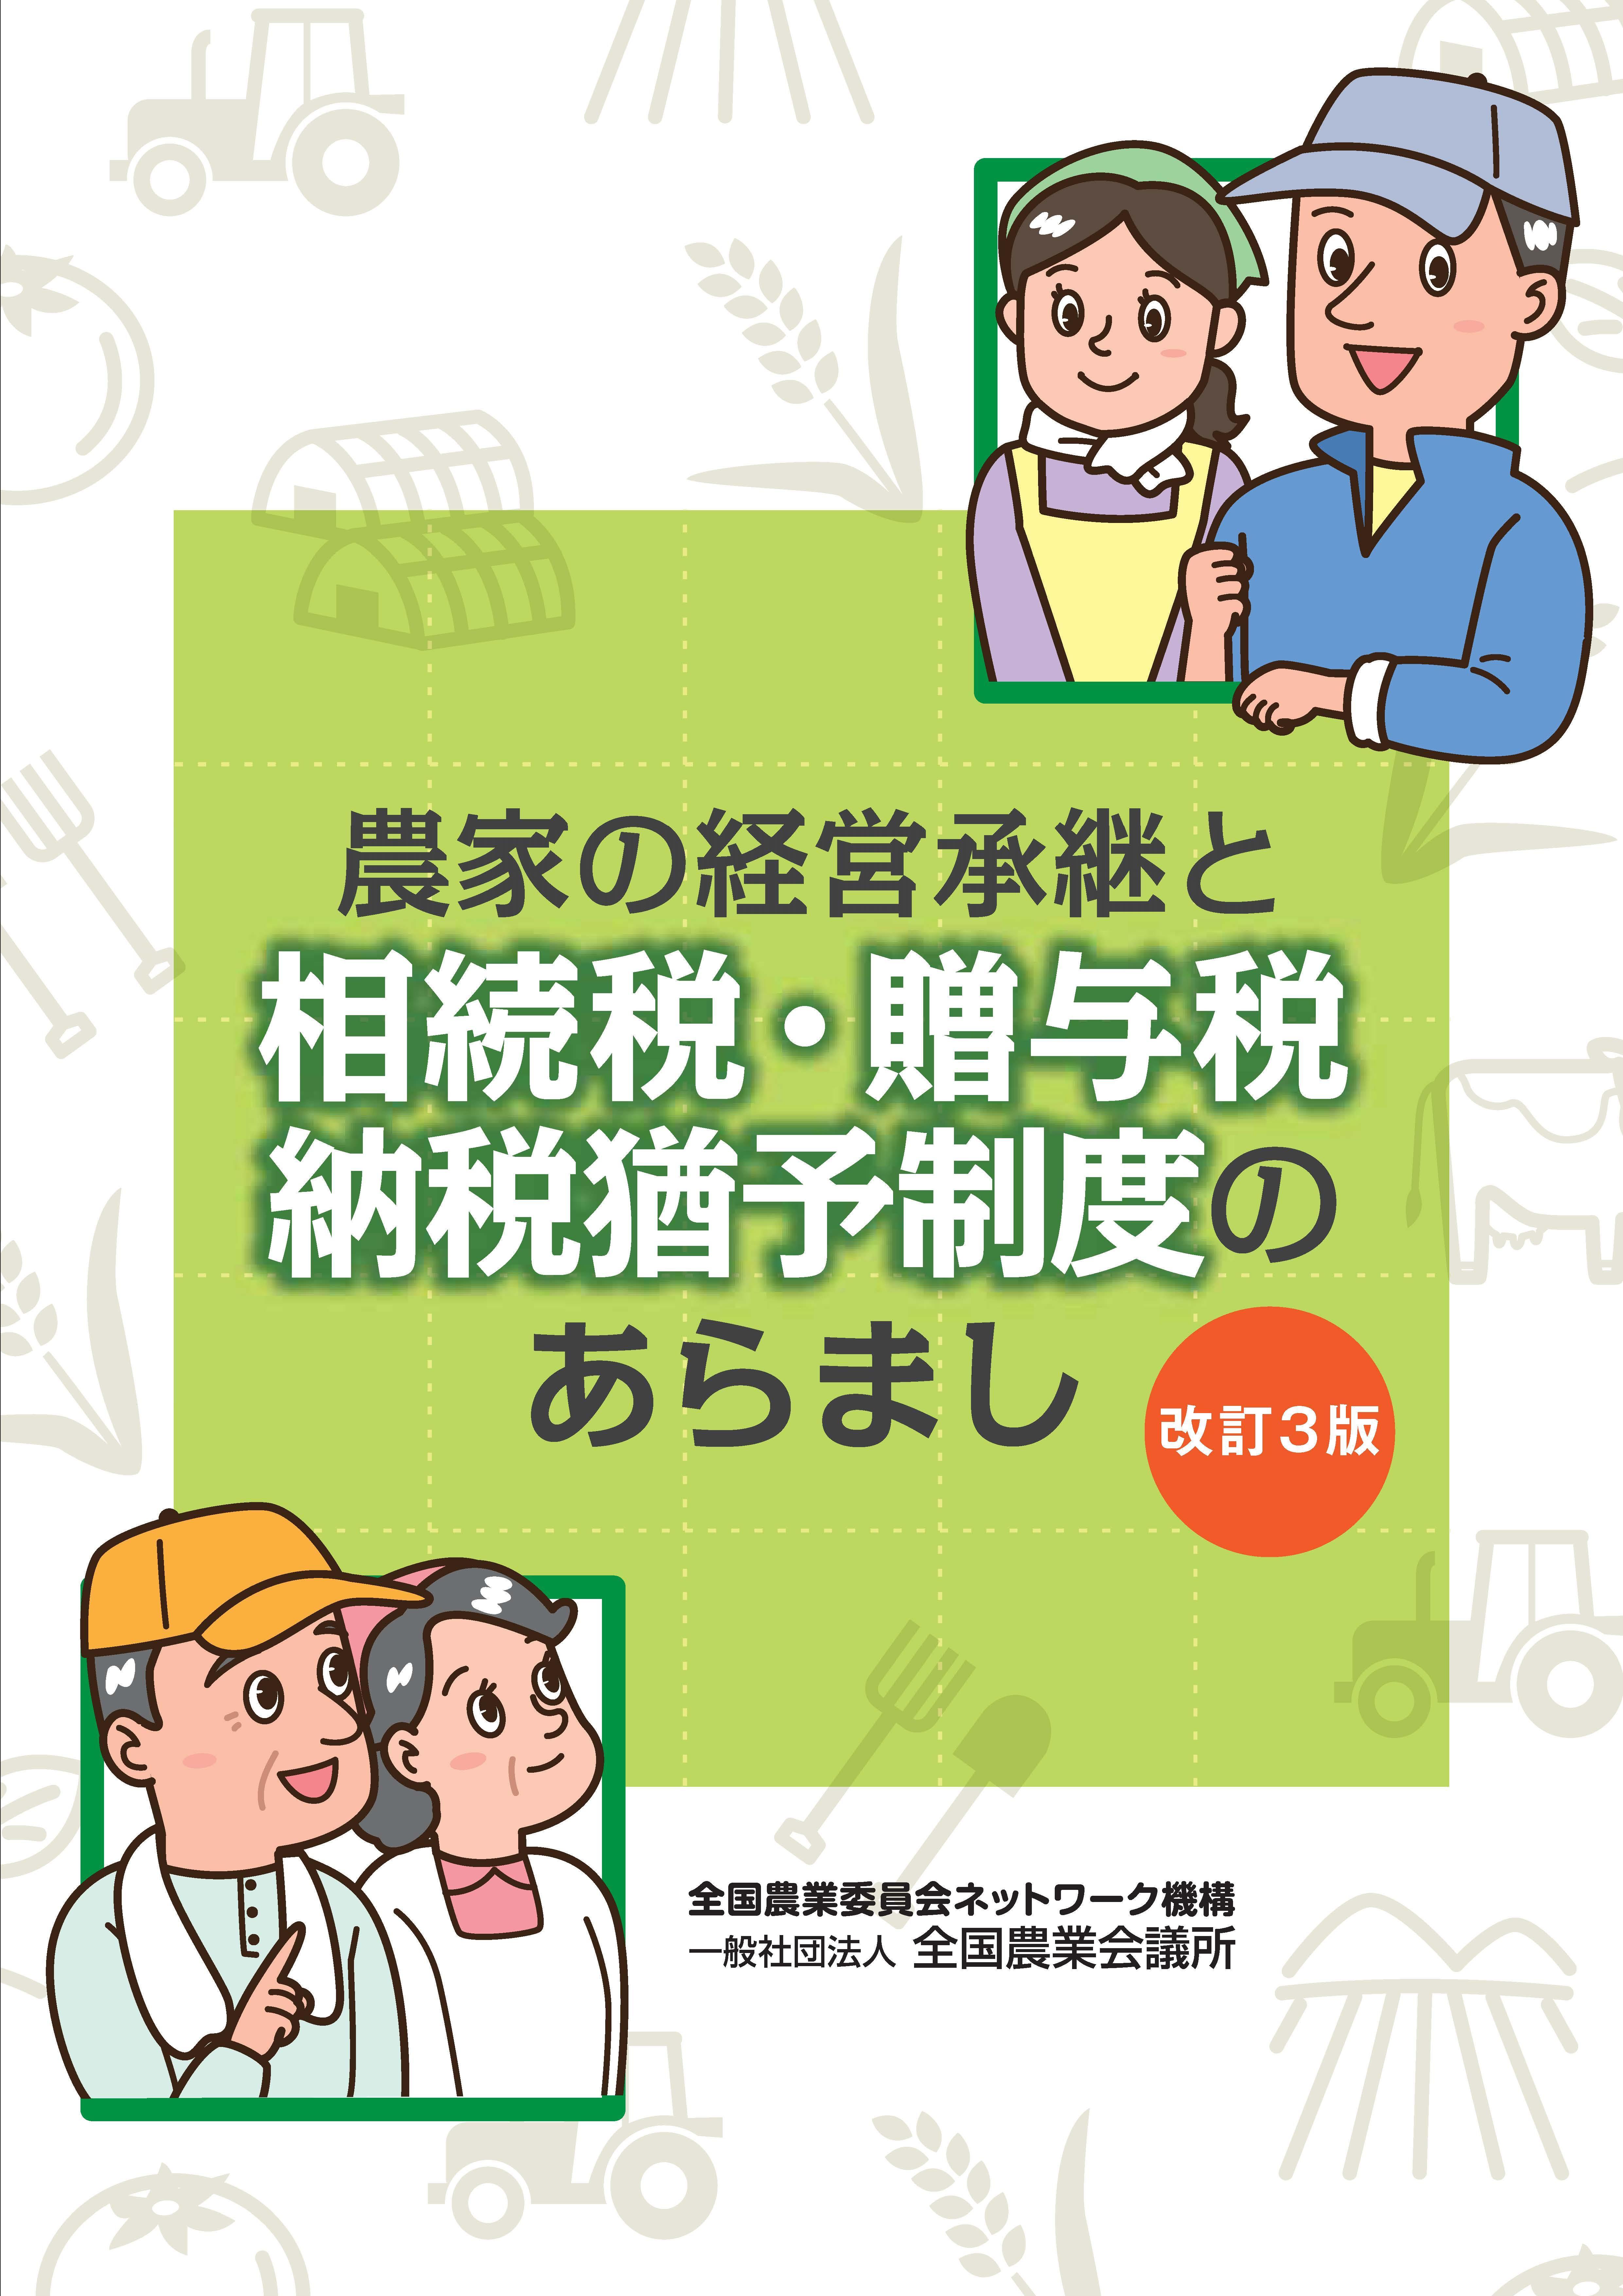 31-22 納税猶予制度のあらまし.jpg